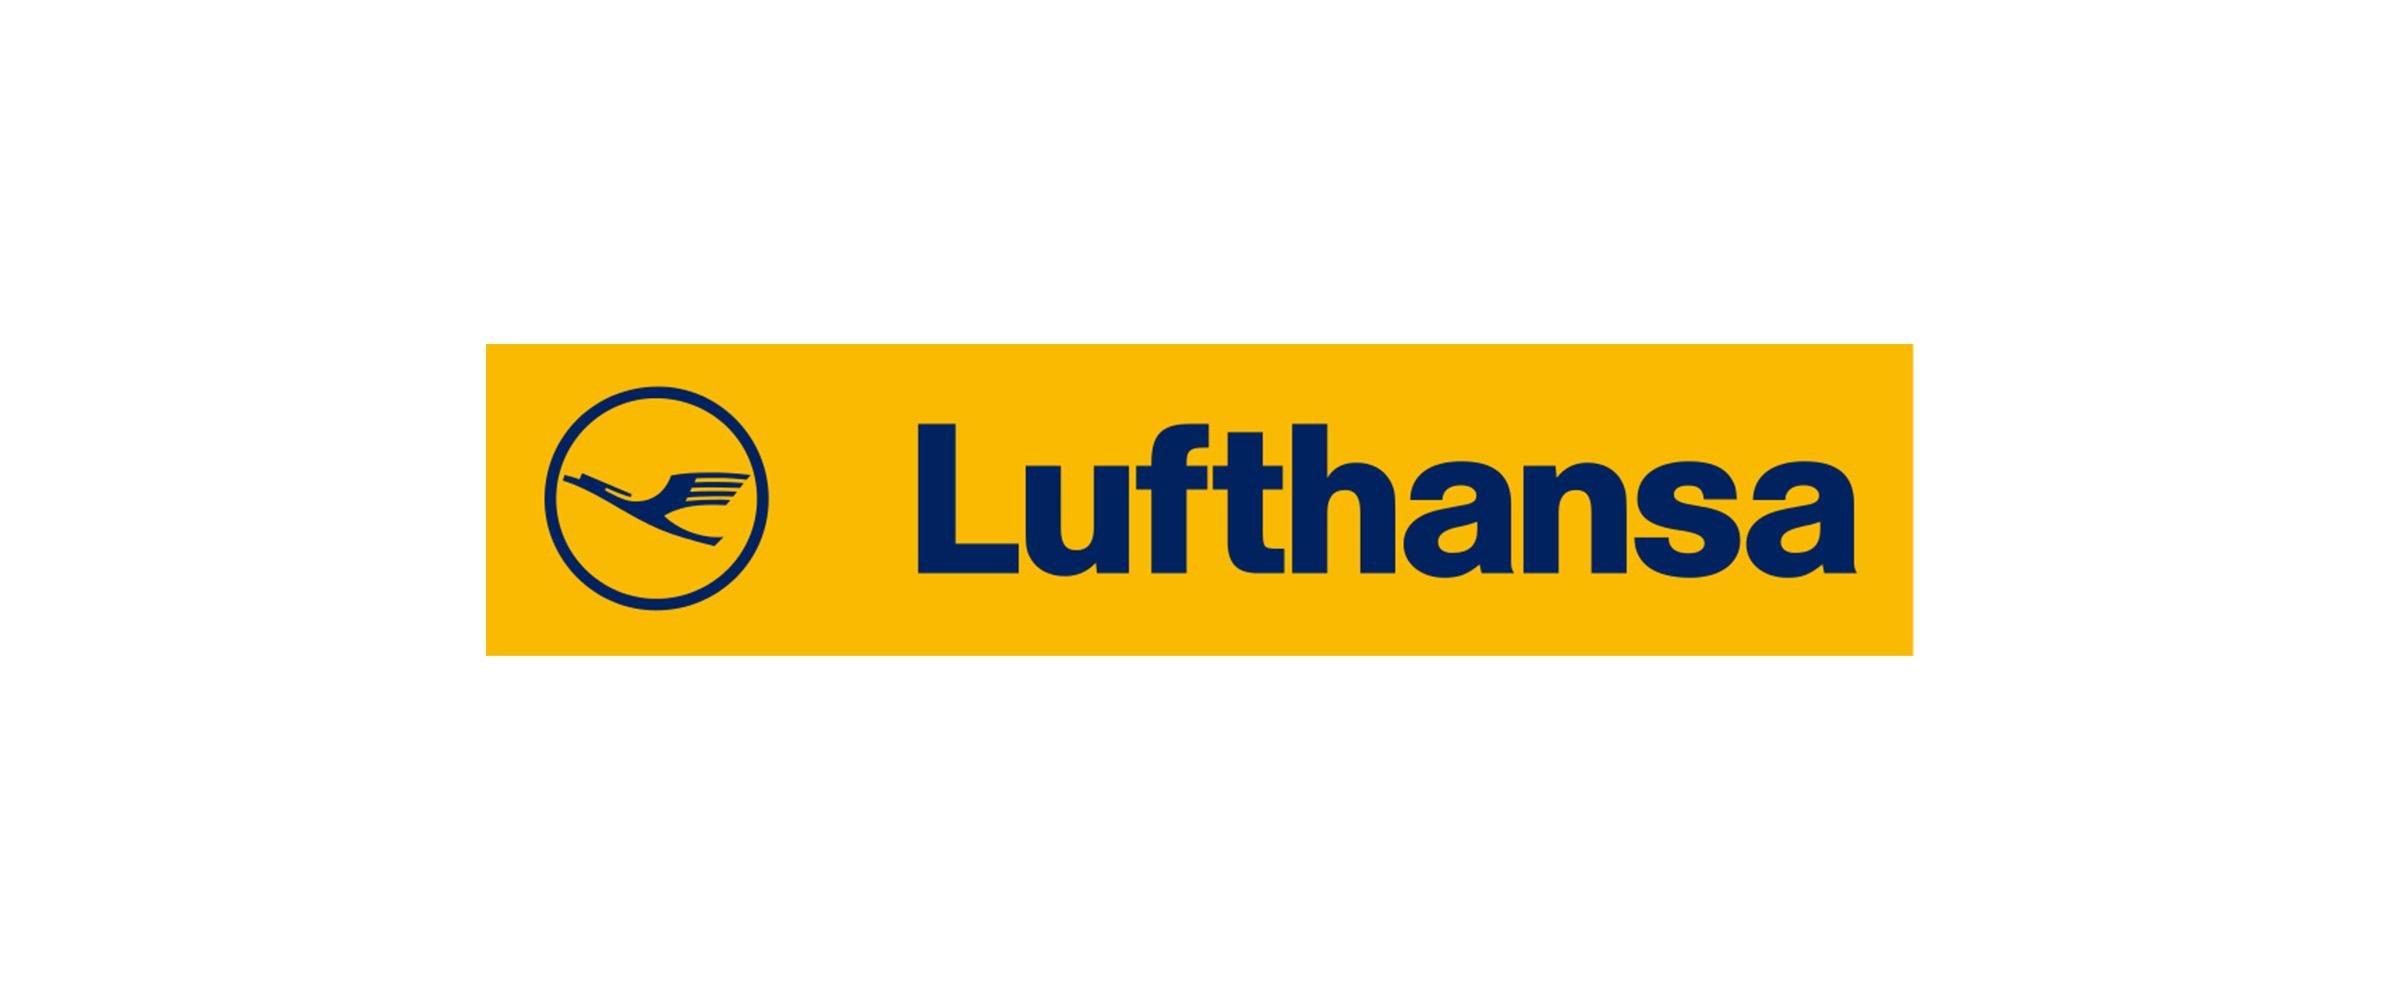 Lufthansa_Header2